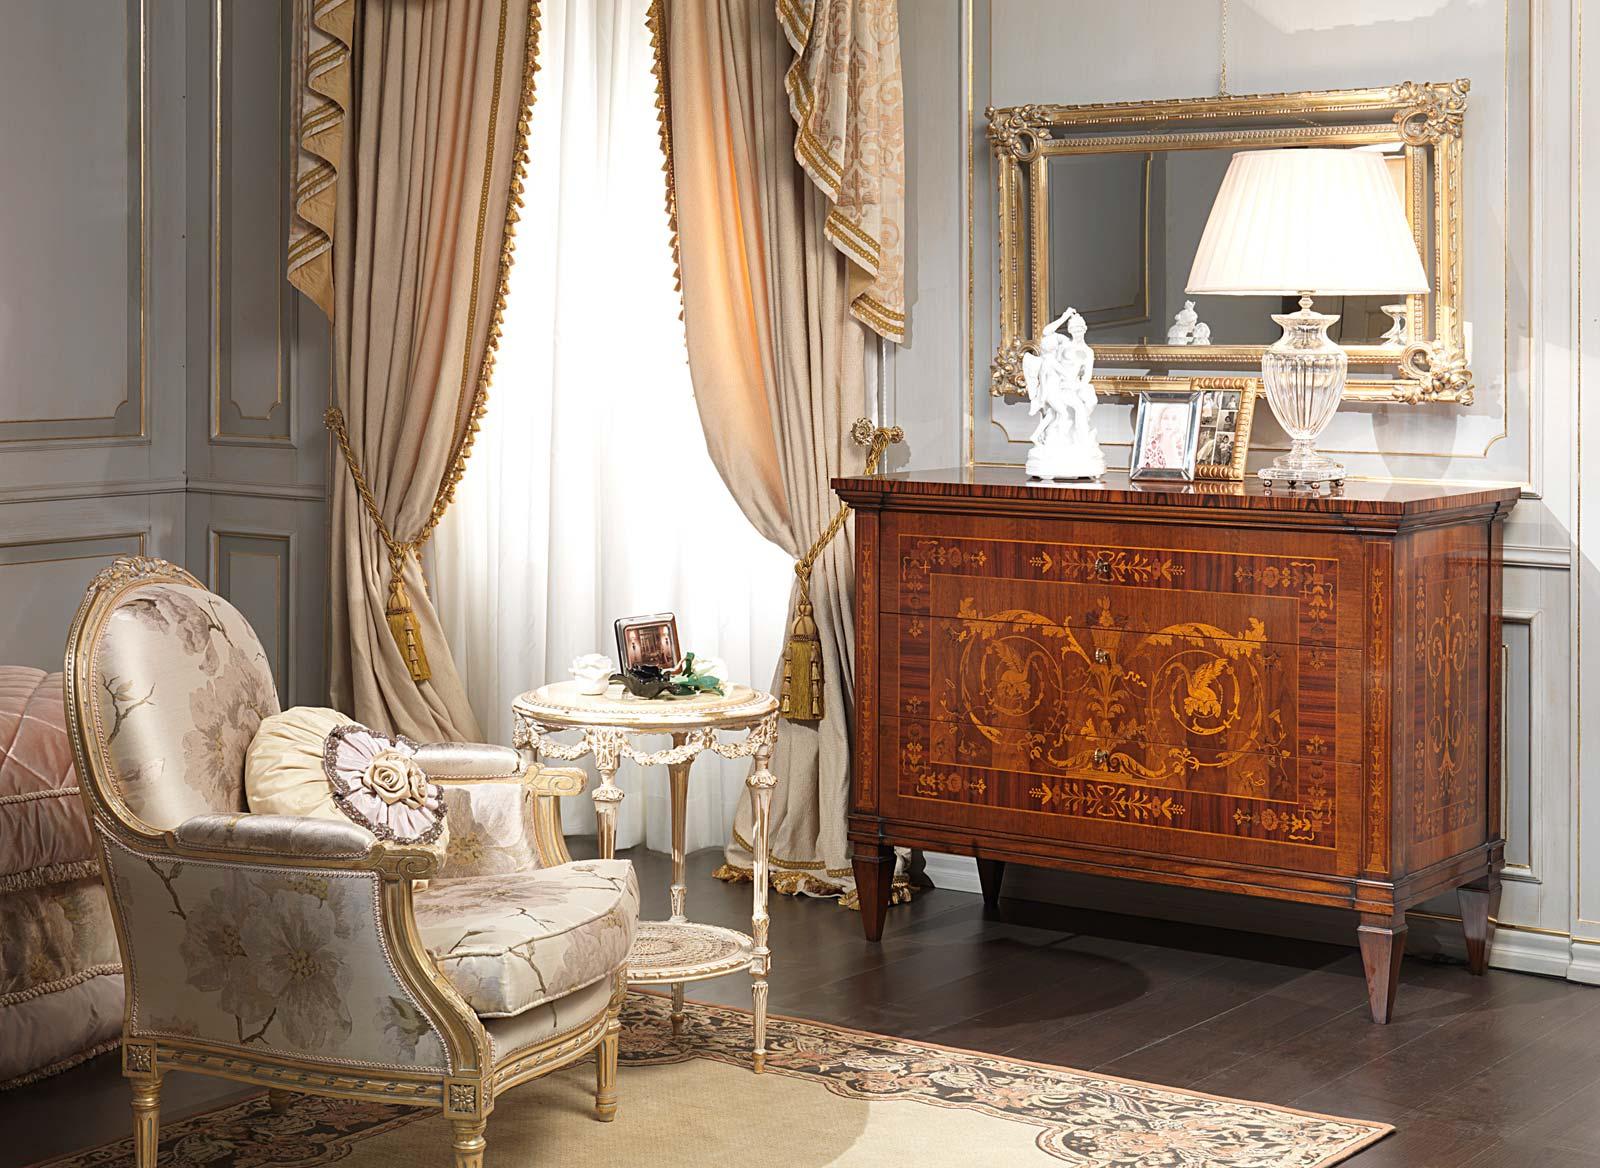 Camera da letto classica i maggiolini com specchiera poltrona - Come mettere i cuscini sul letto ...